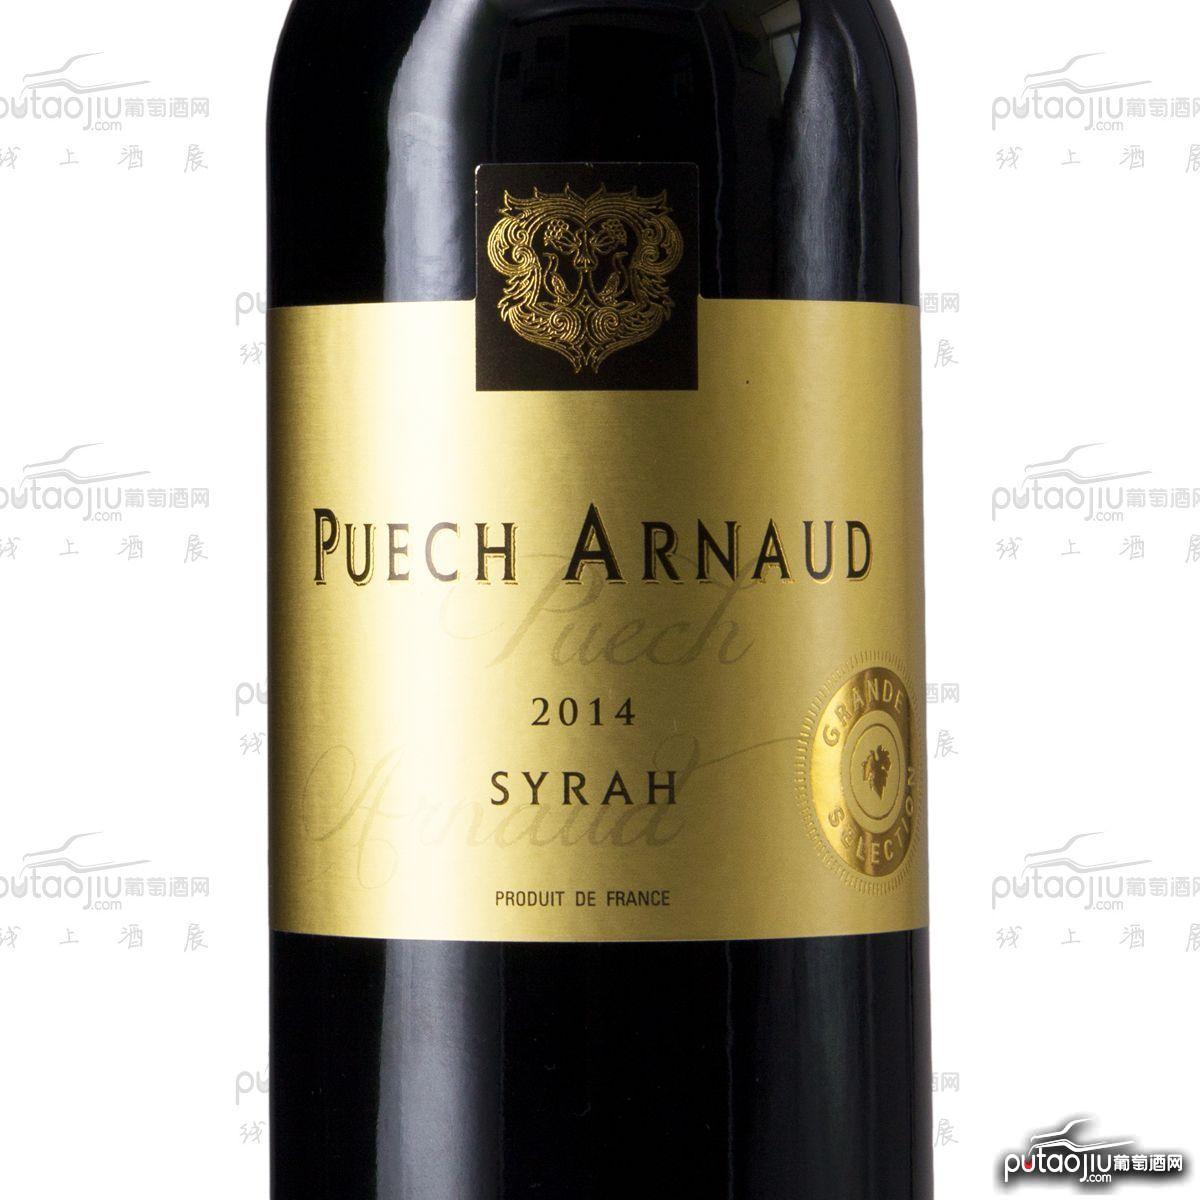 法国法国奥克地区西拉普西哈尔诺IGP干红葡萄酒